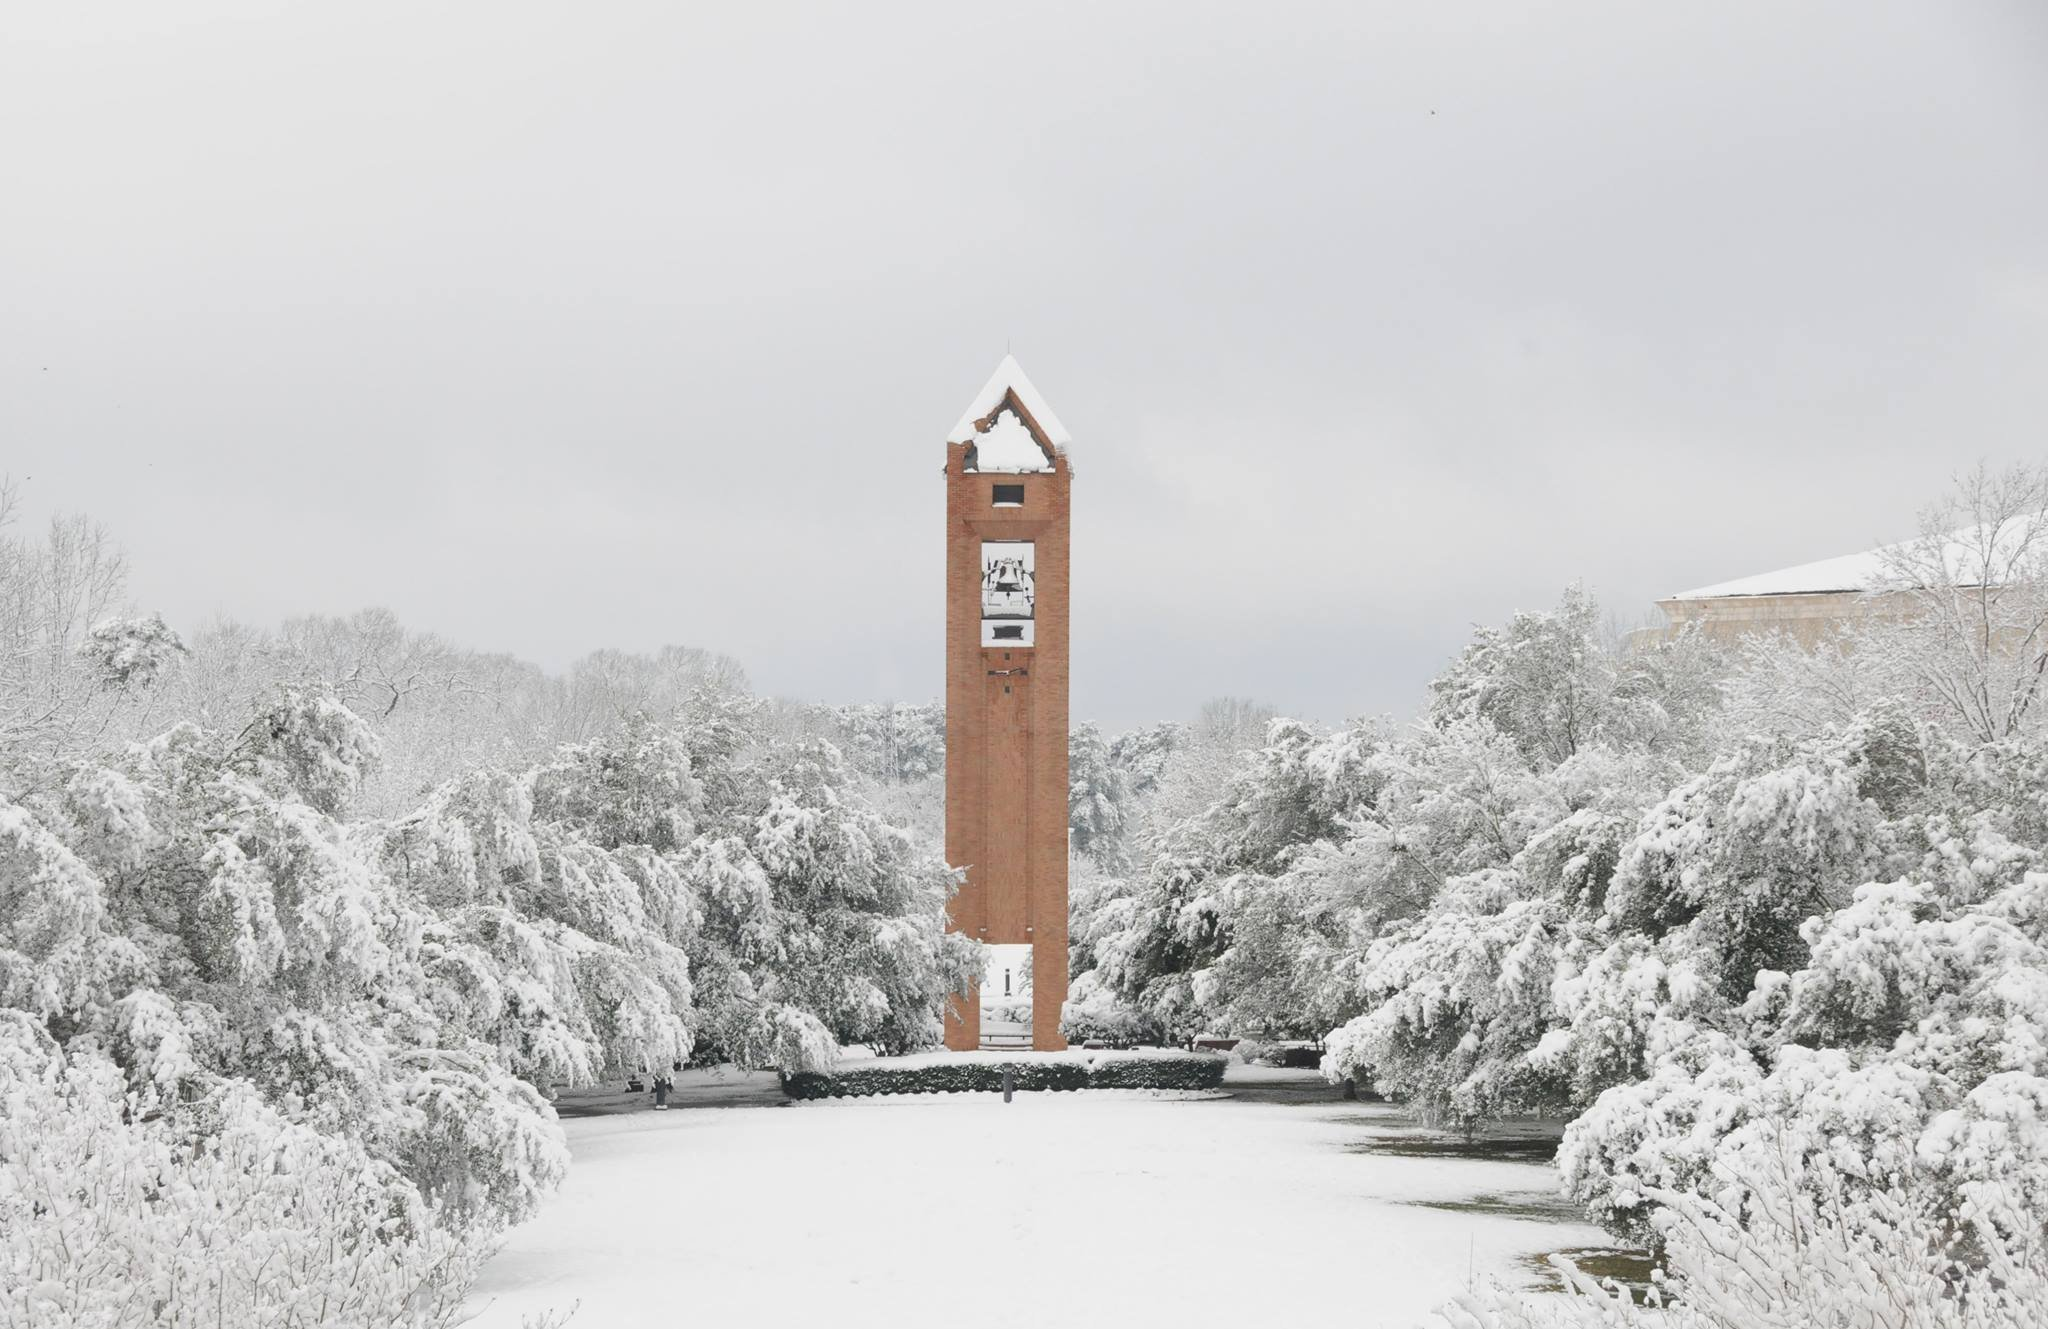 letourneau-university